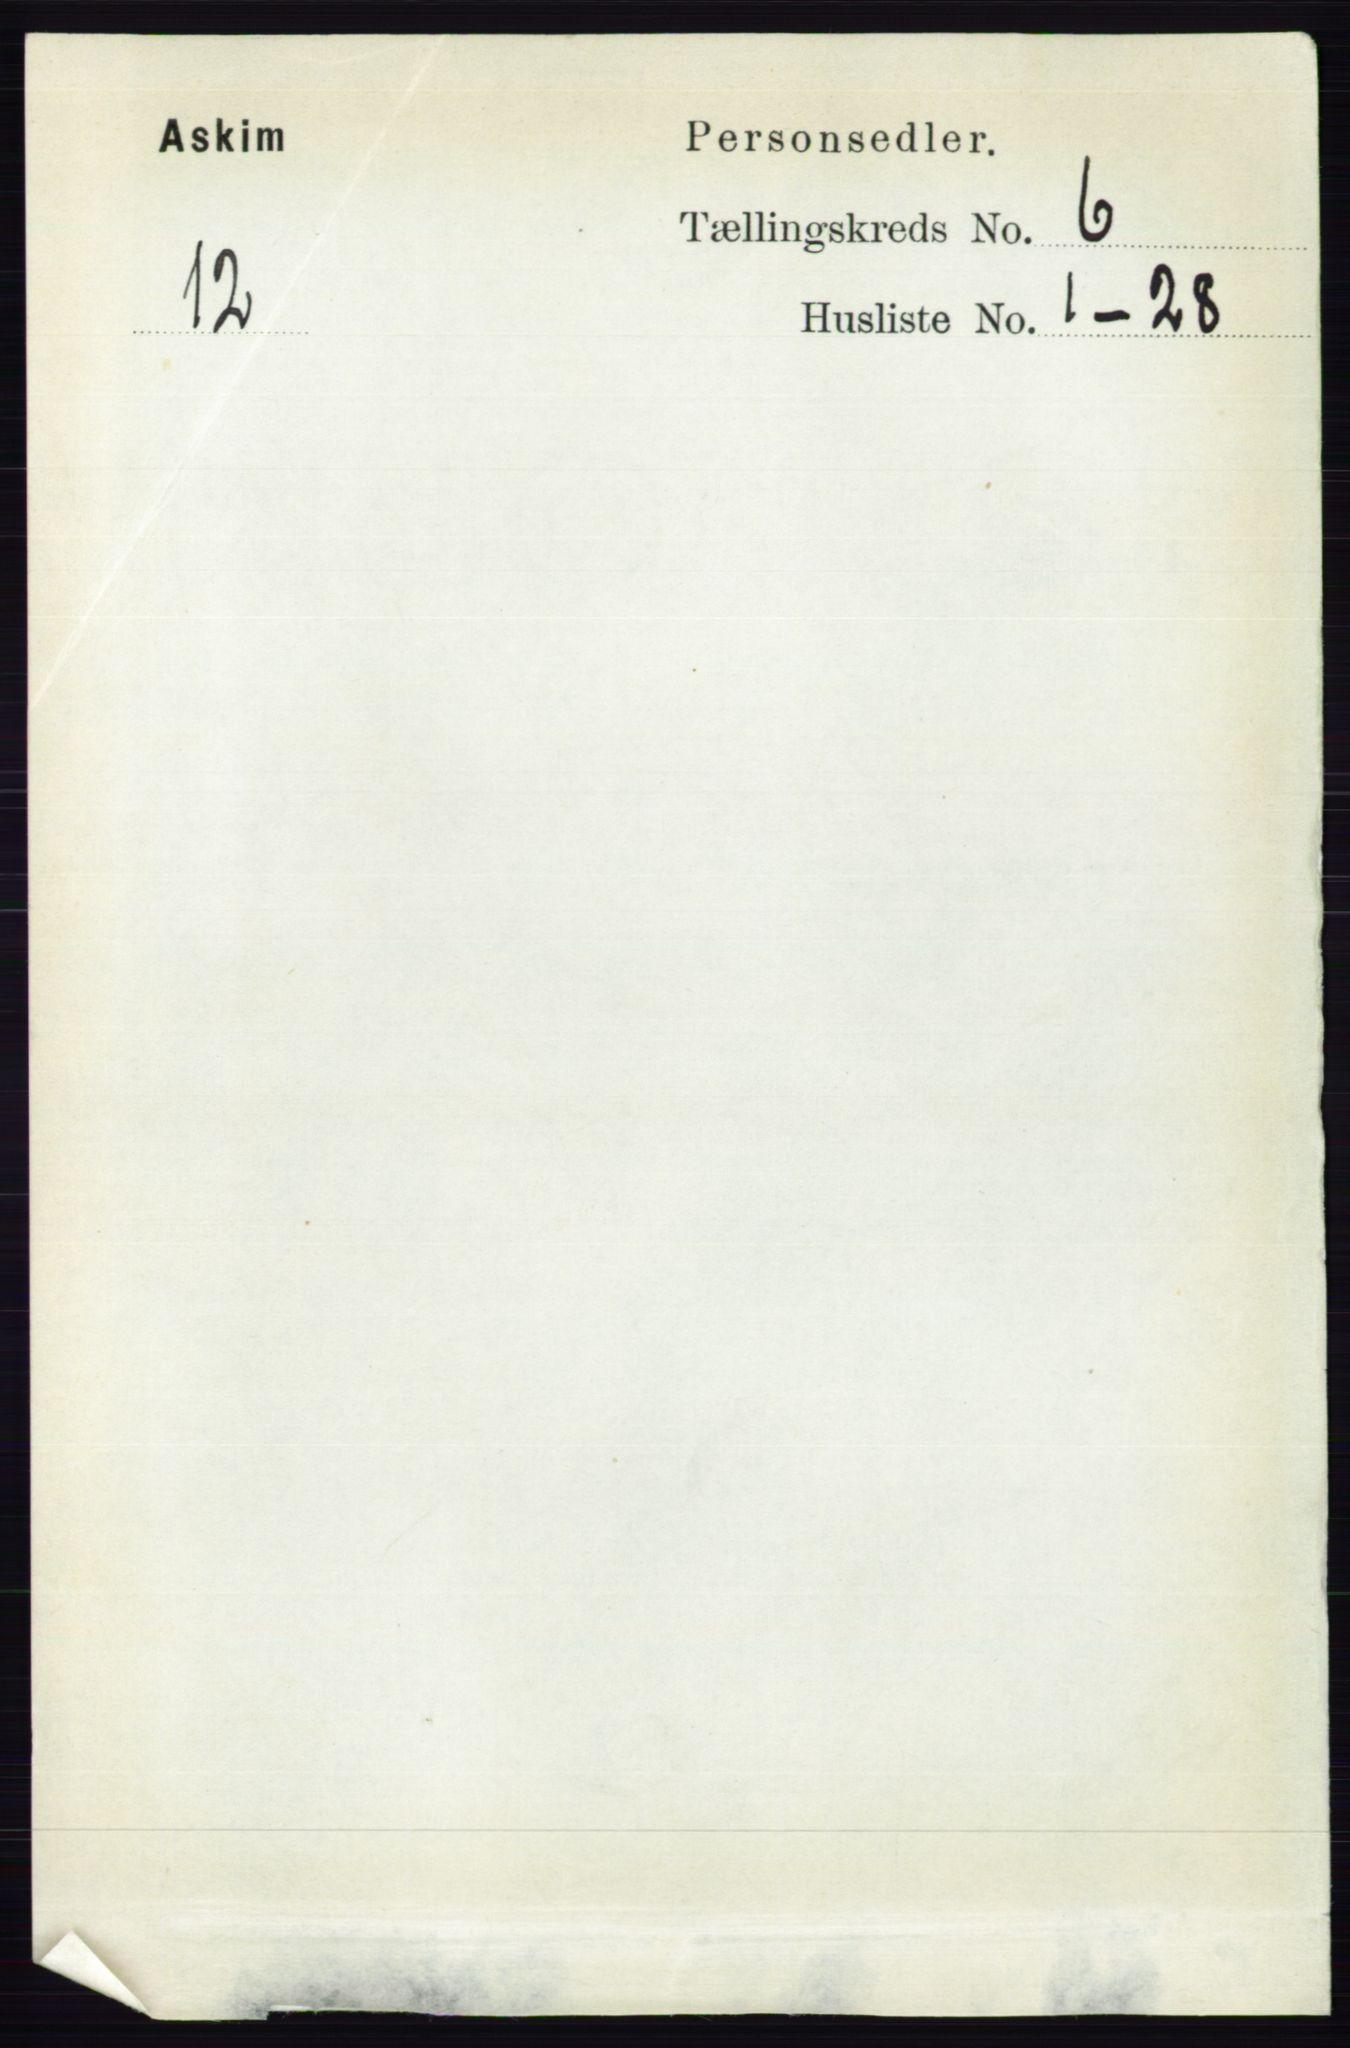 RA, Folketelling 1891 for 0124 Askim herred, 1891, s. 776